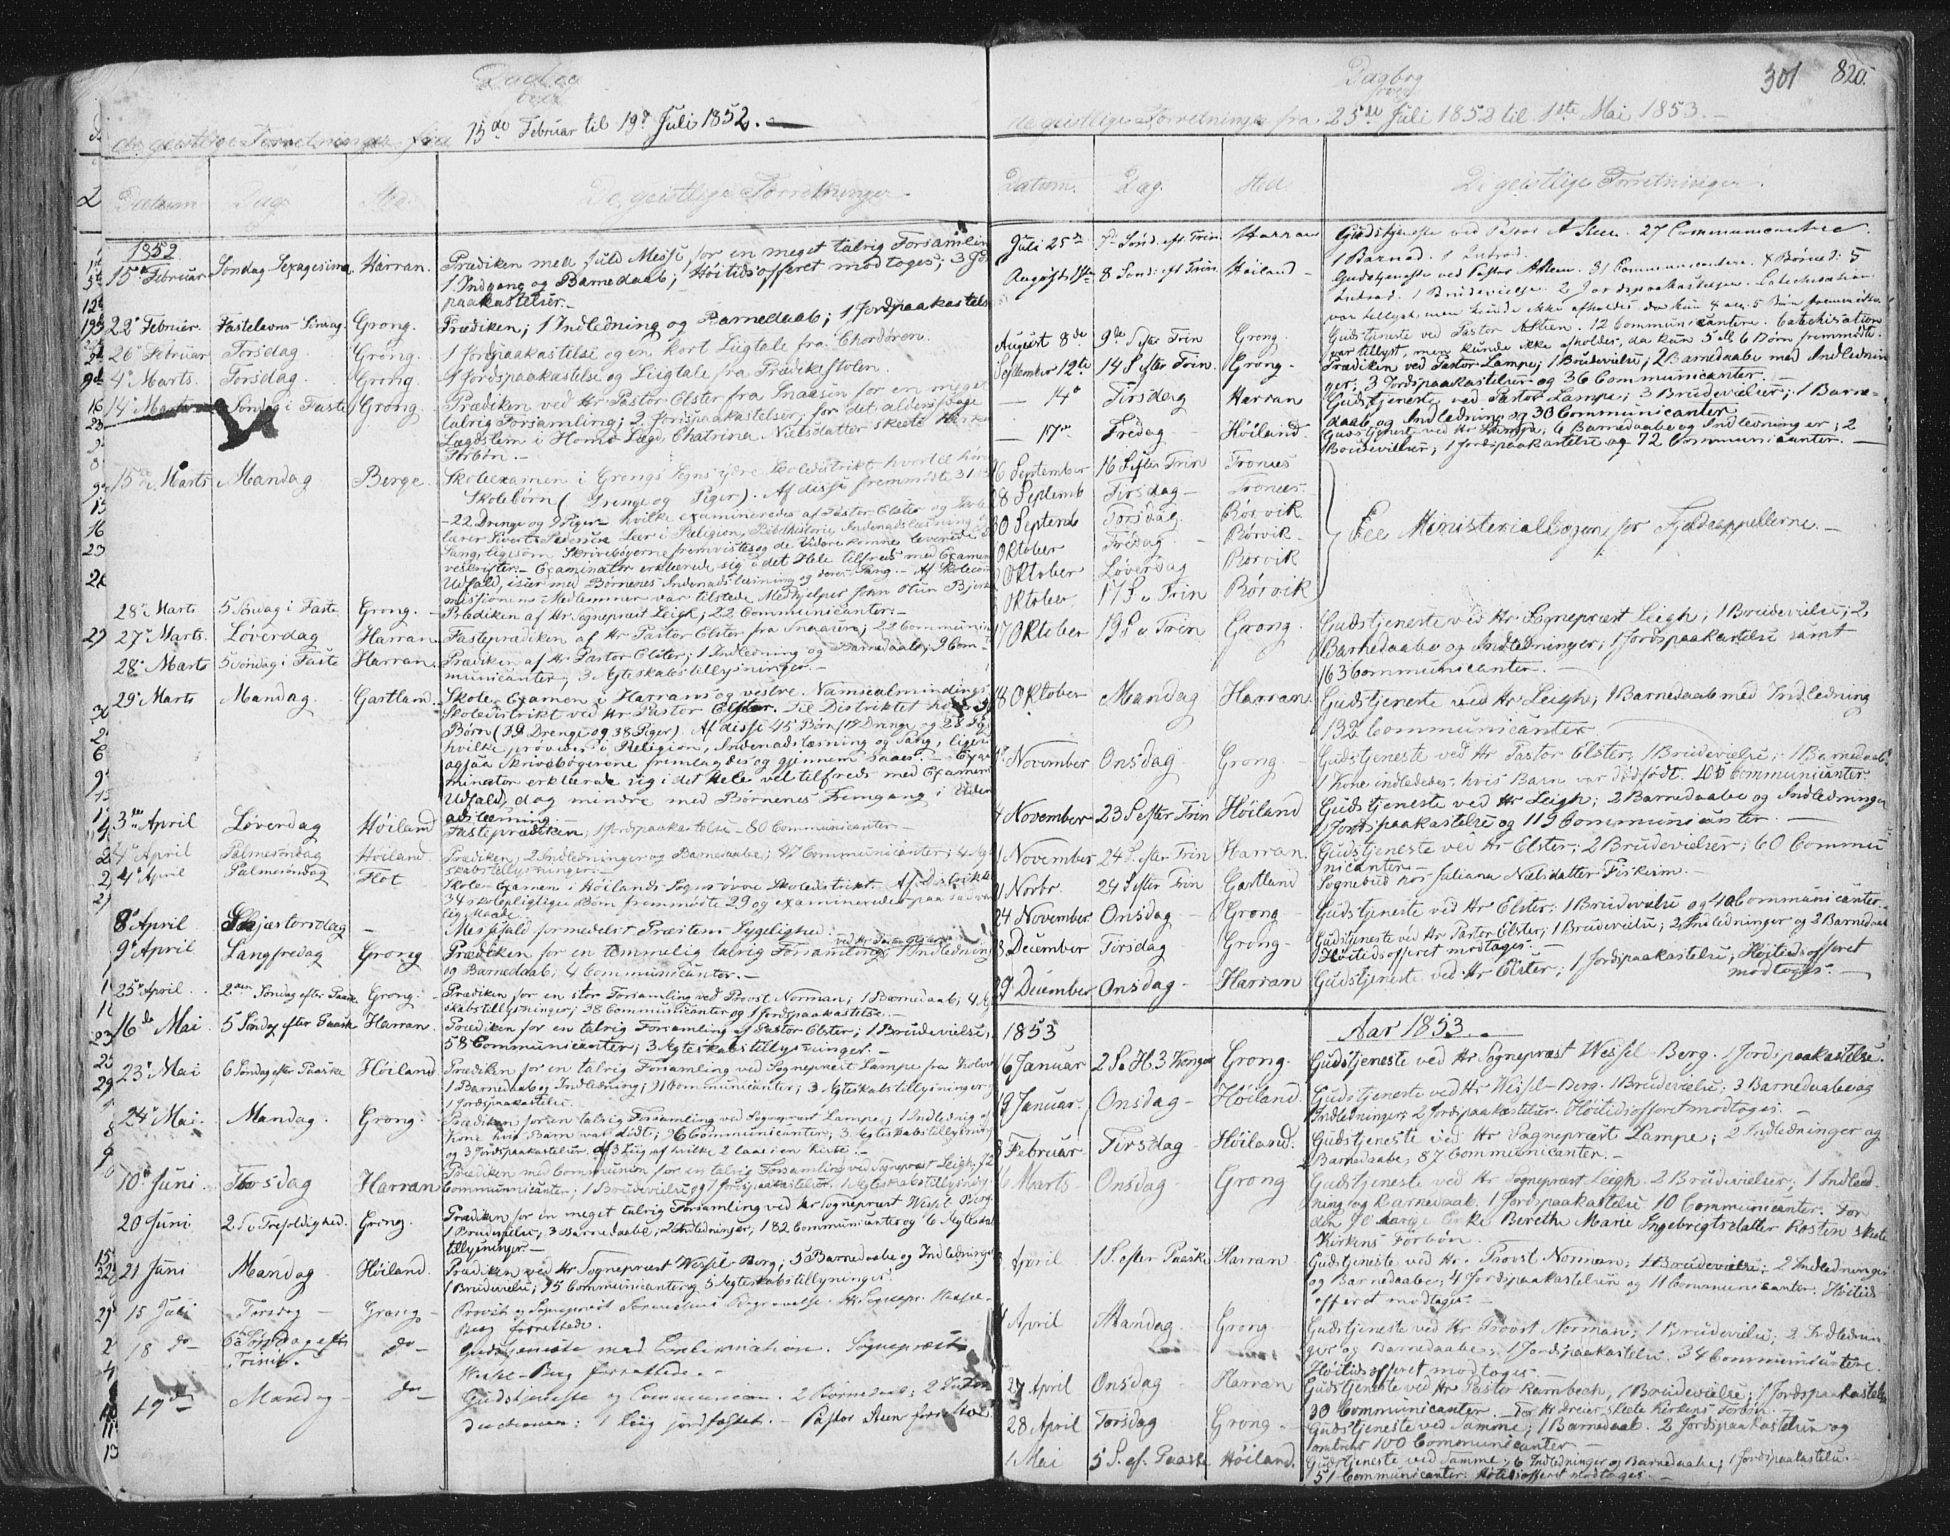 SAT, Ministerialprotokoller, klokkerbøker og fødselsregistre - Nord-Trøndelag, 758/L0513: Ministerialbok nr. 758A02 /1, 1839-1868, s. 301